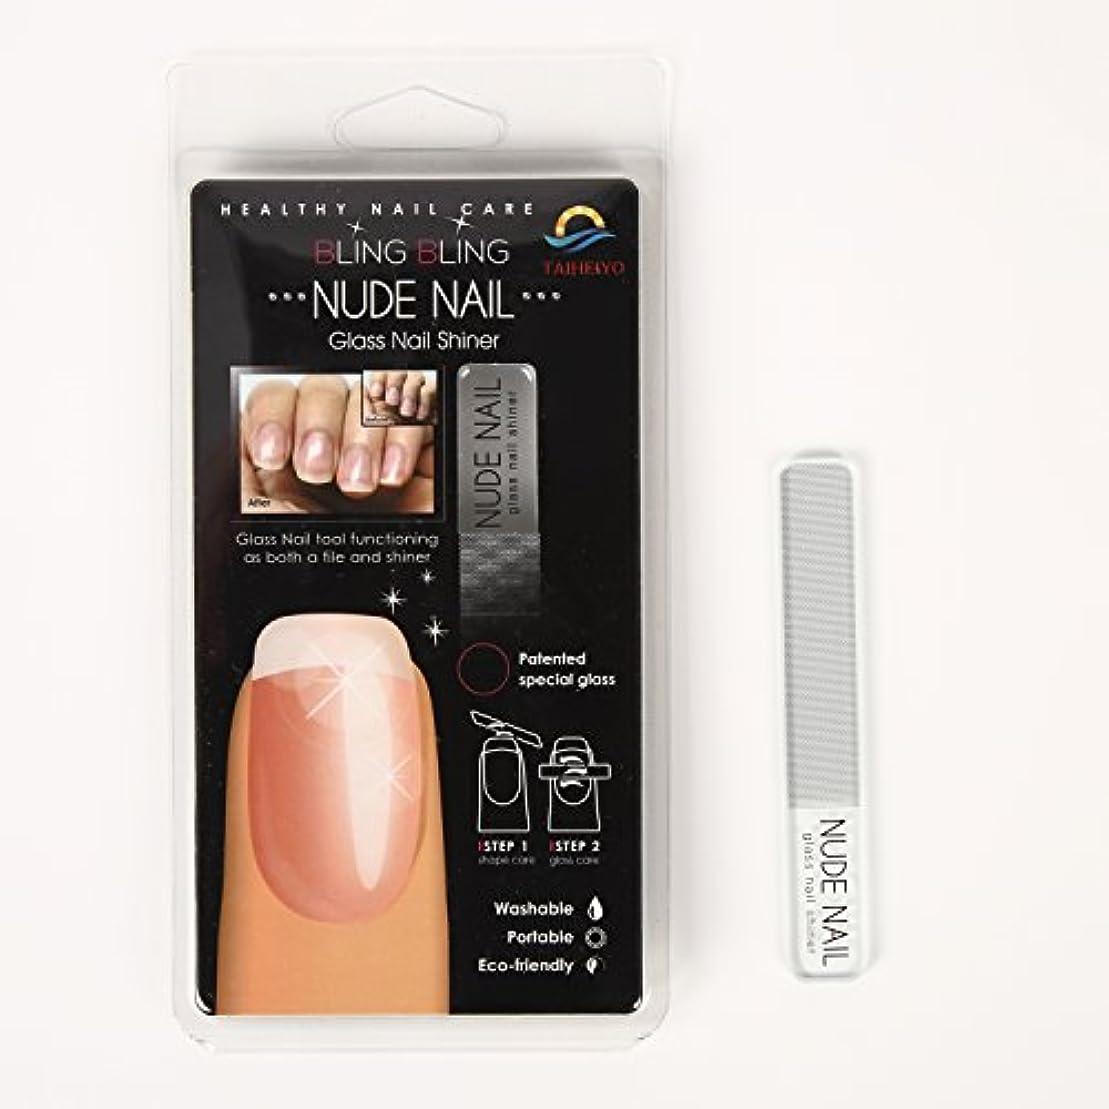 良さ皮肉トンヌードネイル NUDE NAIL ガラ ス製爪磨き ガラスネイルシャイナー GLASS NAIL SHINER TAIHEIYO (1本) 爪やすり 爪みがき